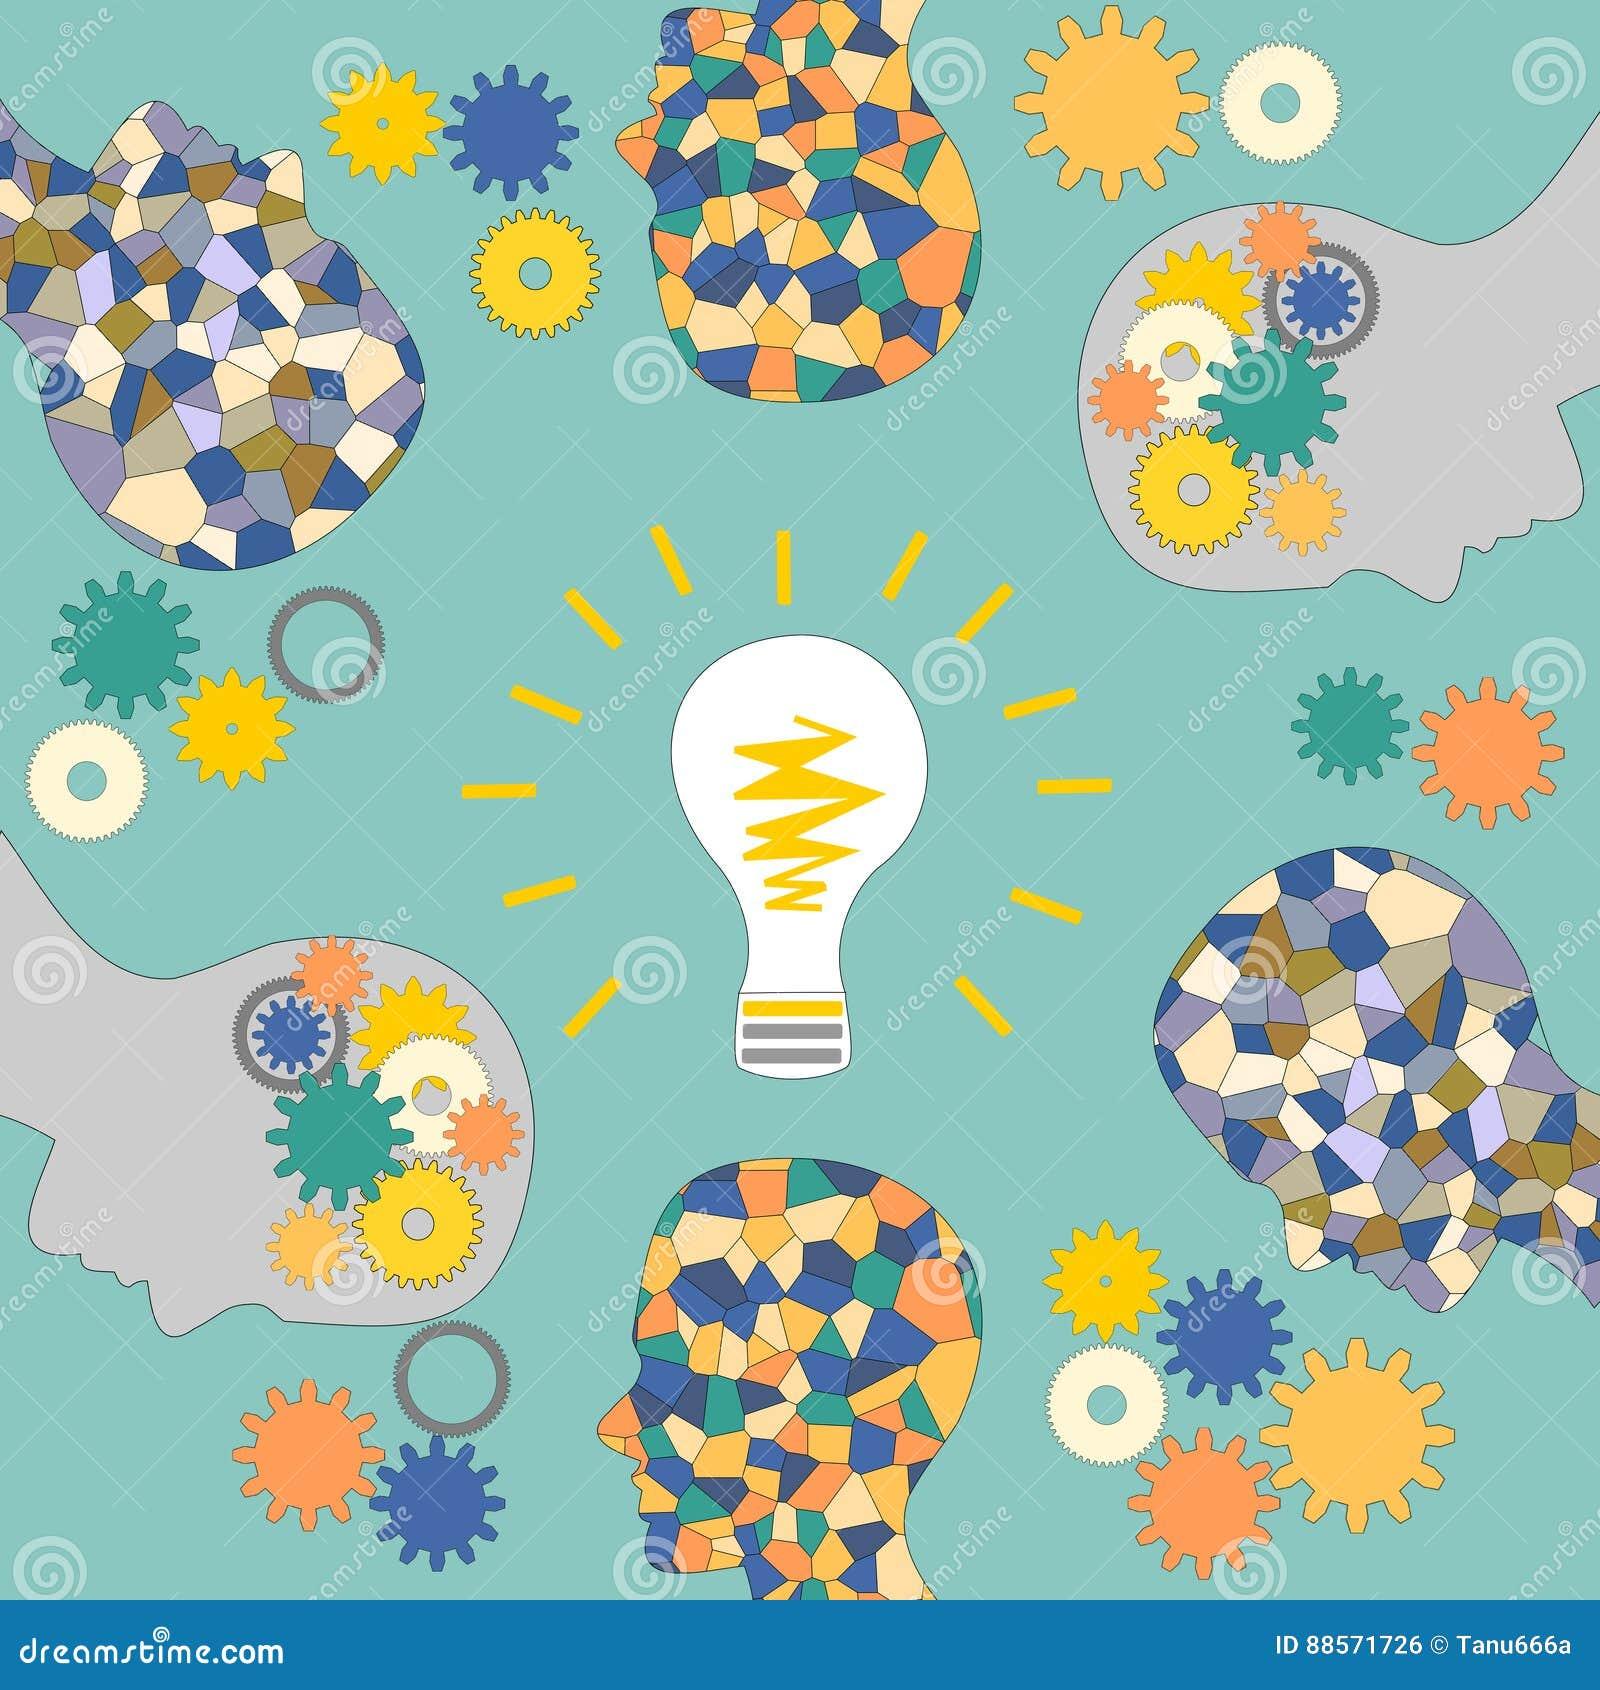 De totstandkoming van ideeën, het mozaïekhoofd van de mens, verlichting